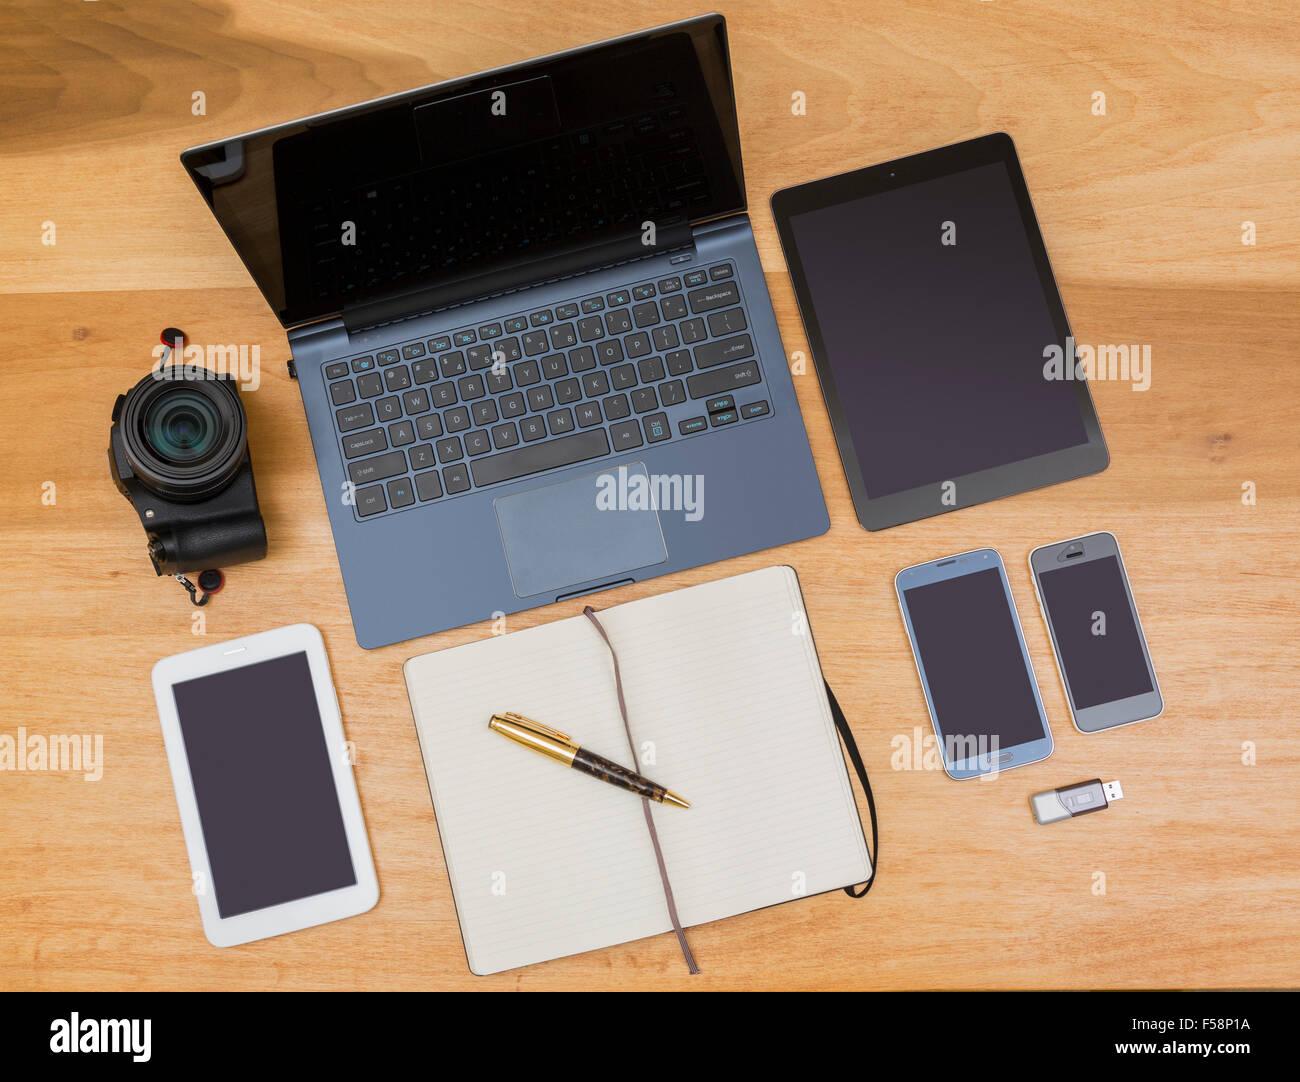 Vista aérea de escritorio con portátiles, smartphones, tablets, una cámara y un cuaderno y un lápiz Imagen De Stock